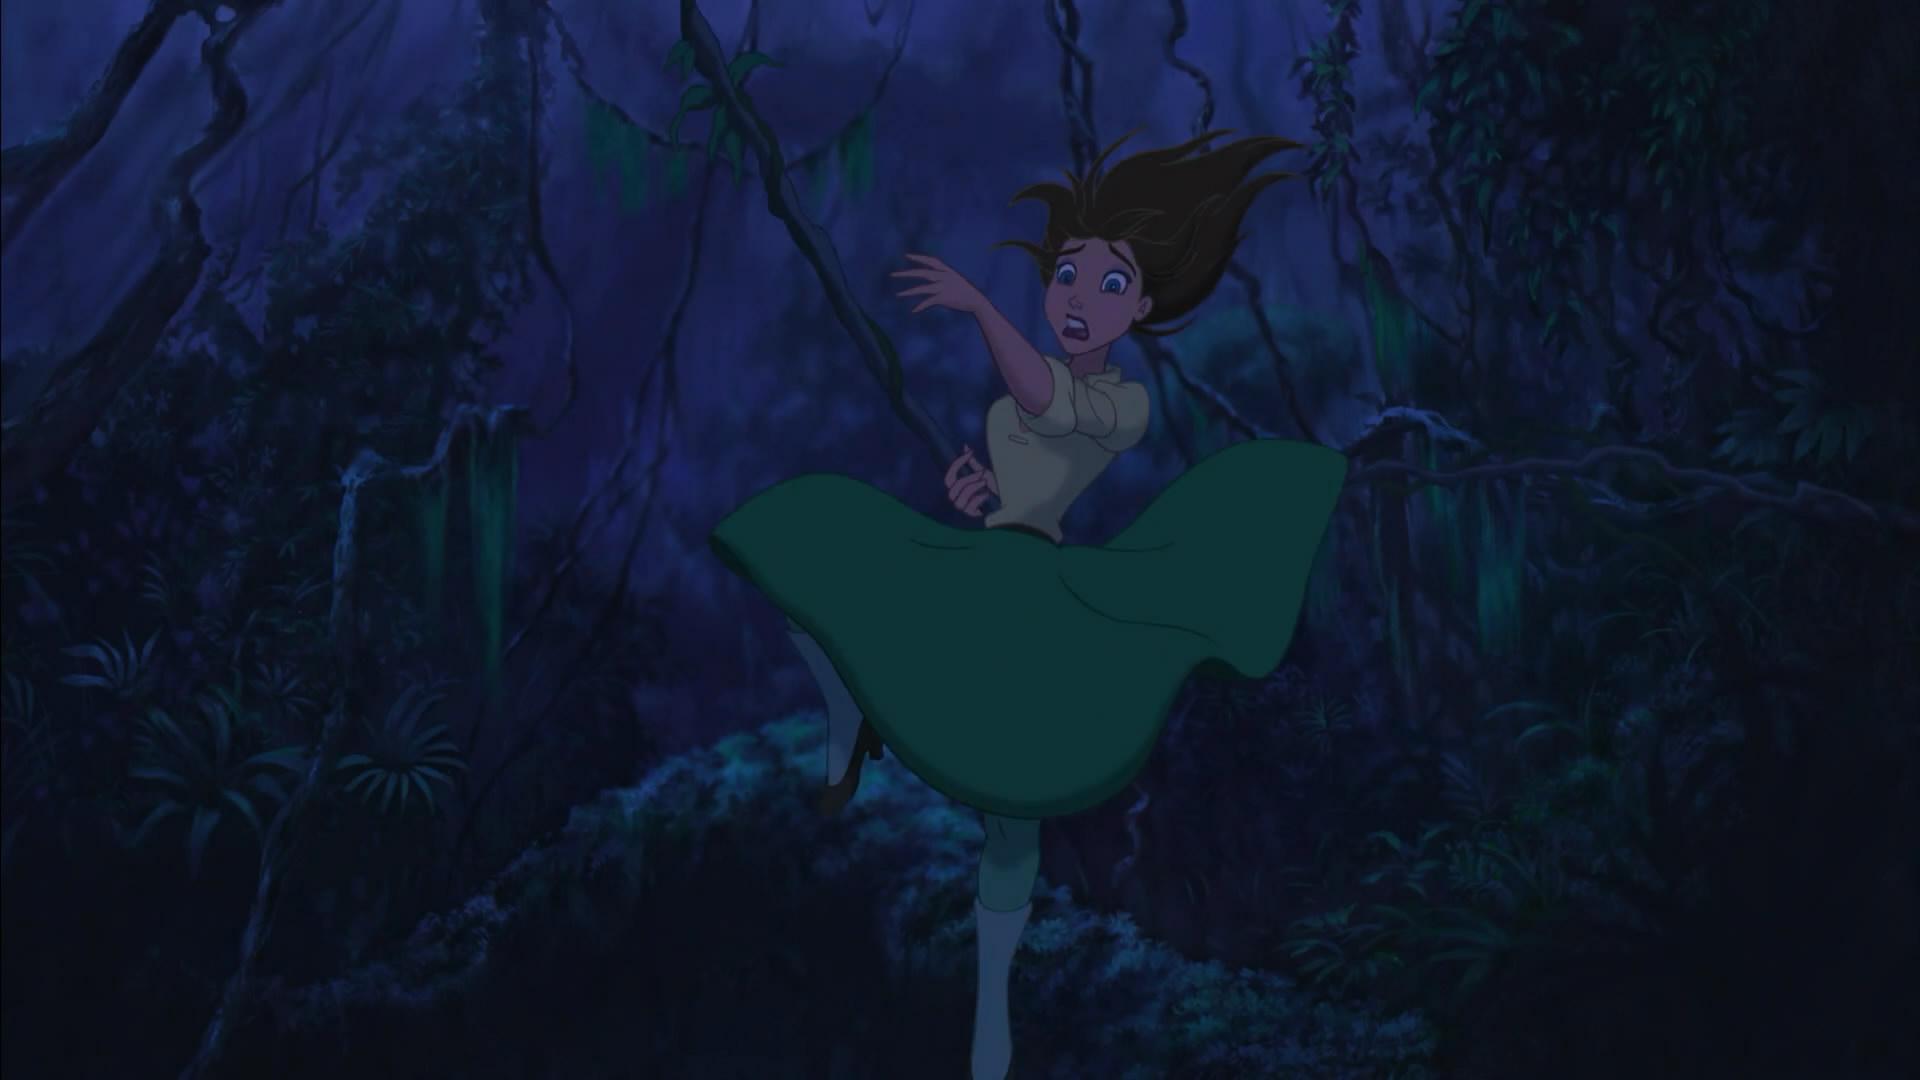 Tarzan  1999  BDrip 1080p ENG ITA x264 MultiSub  Shiv .mkv snapshot 01.13.53  2014.08.21 10.35.13